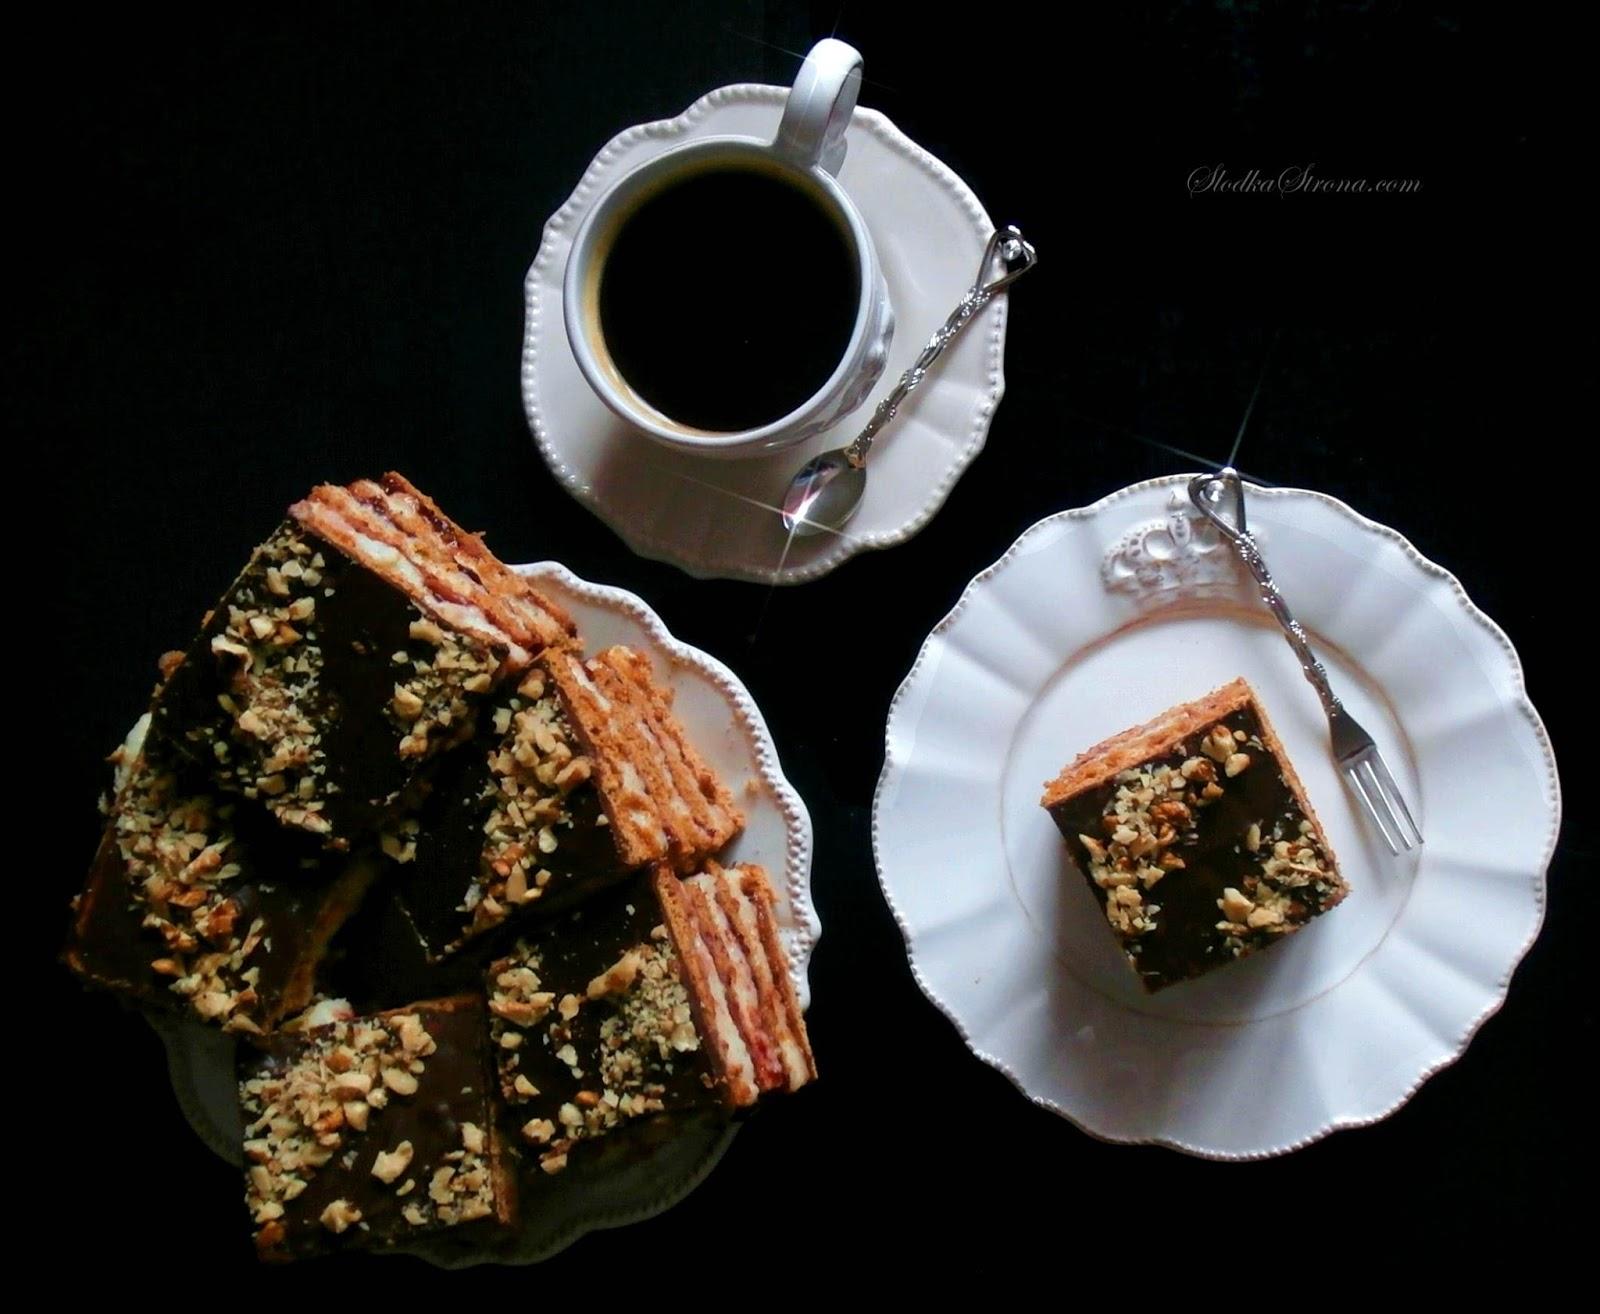 Ciasto Piernikowe z Kaszą Manną i Powidłami Śliwkowymi - Przepis - Słodka Strona